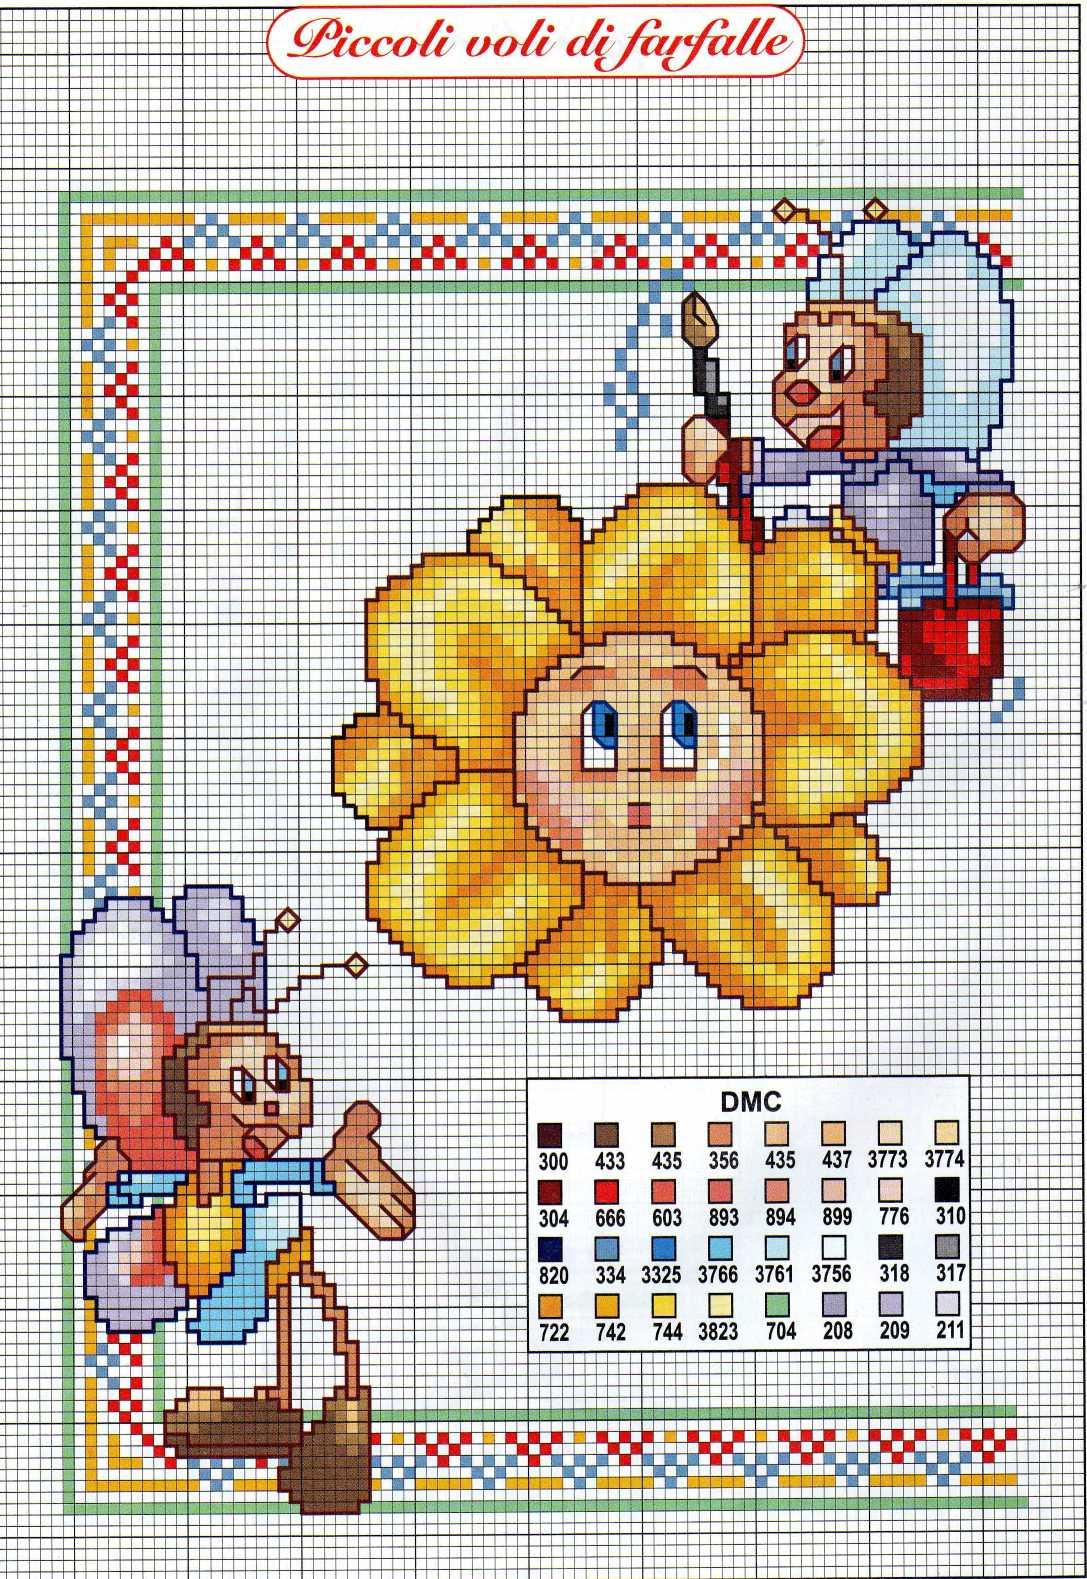 Bambini fargalle simpatiche fiore 1 for Schemi punto croce bambini gratis